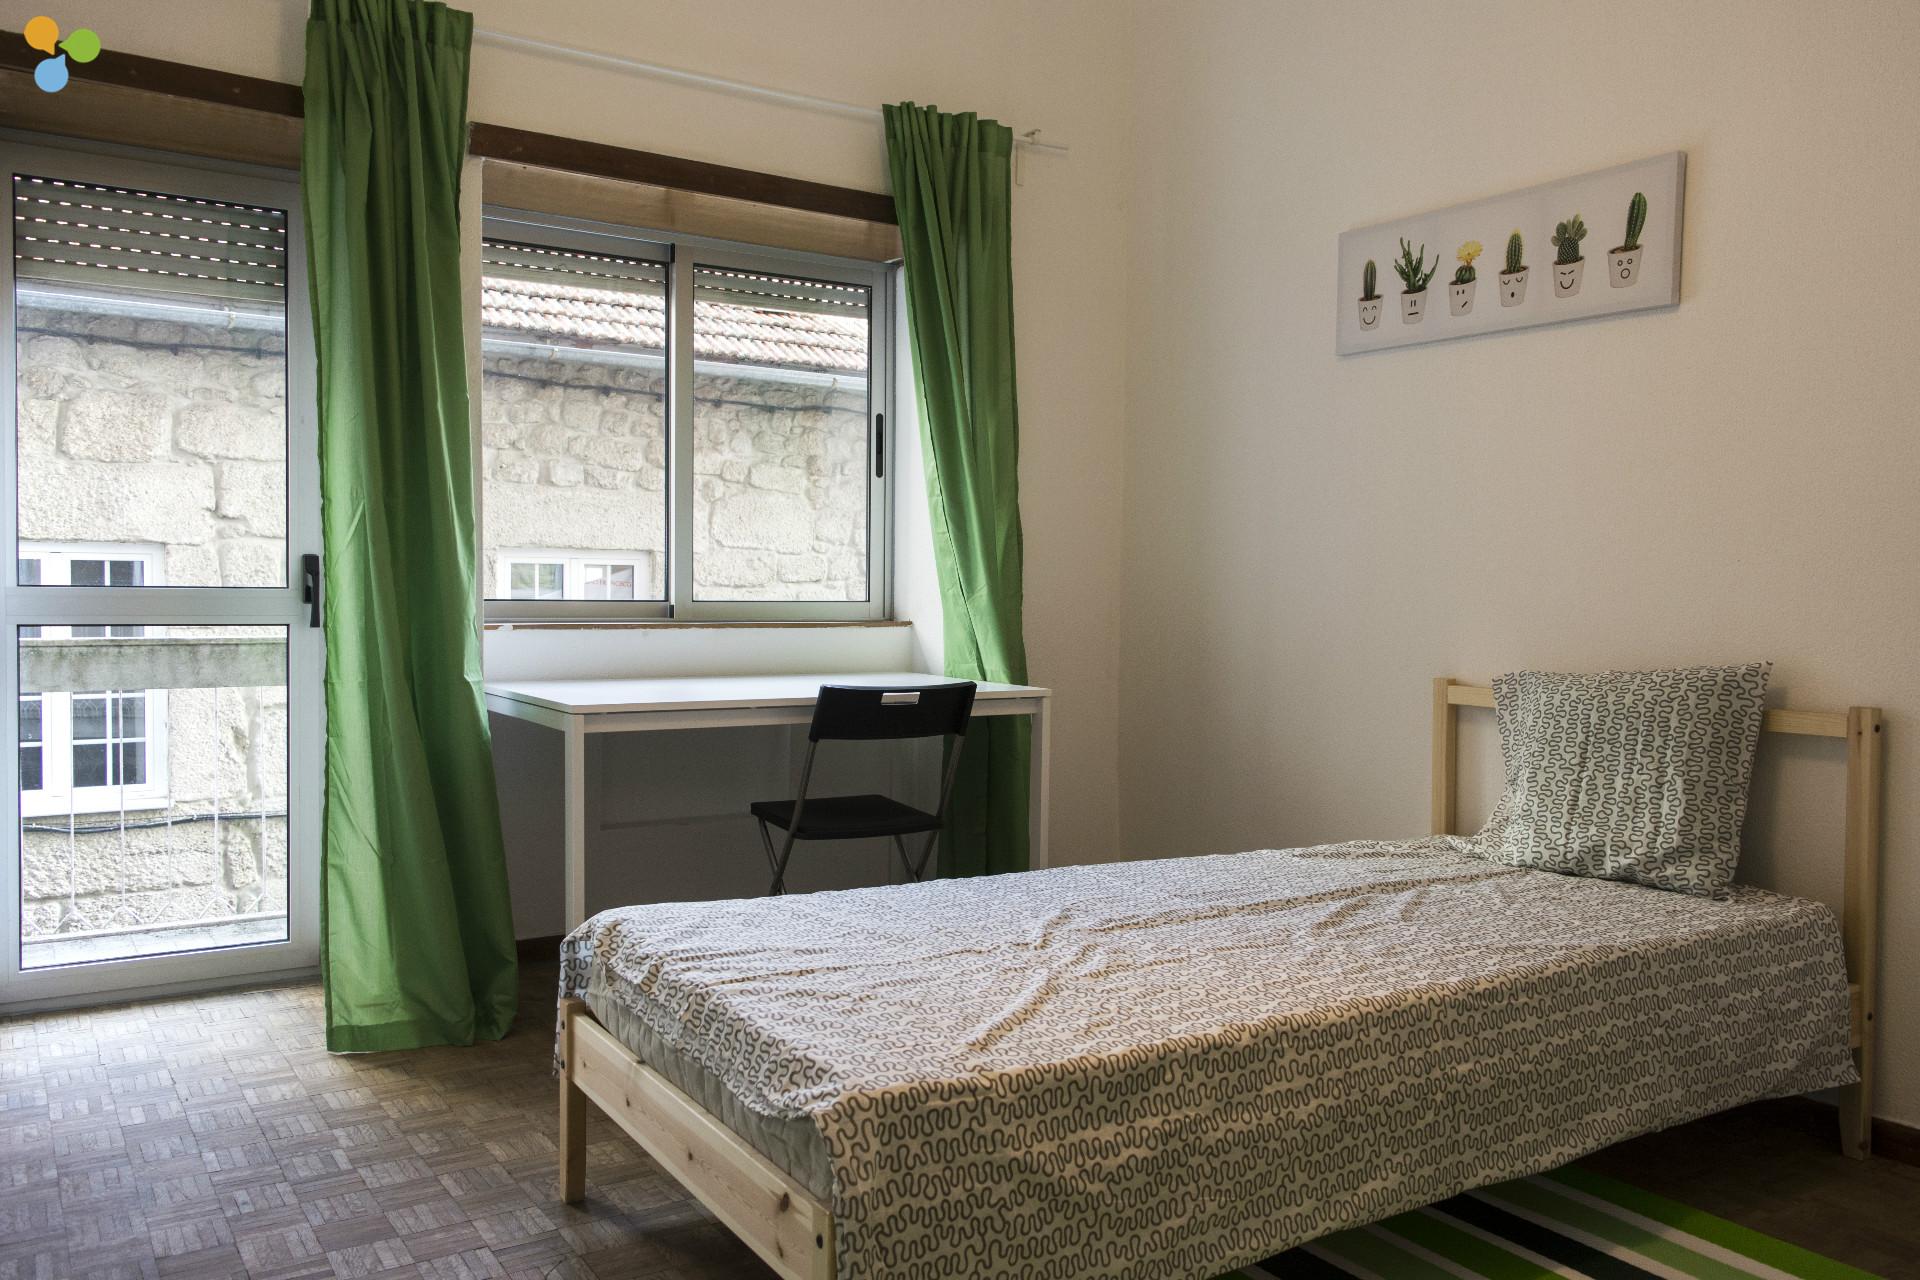 Arrendamento ao Quarto, Apartamento T5